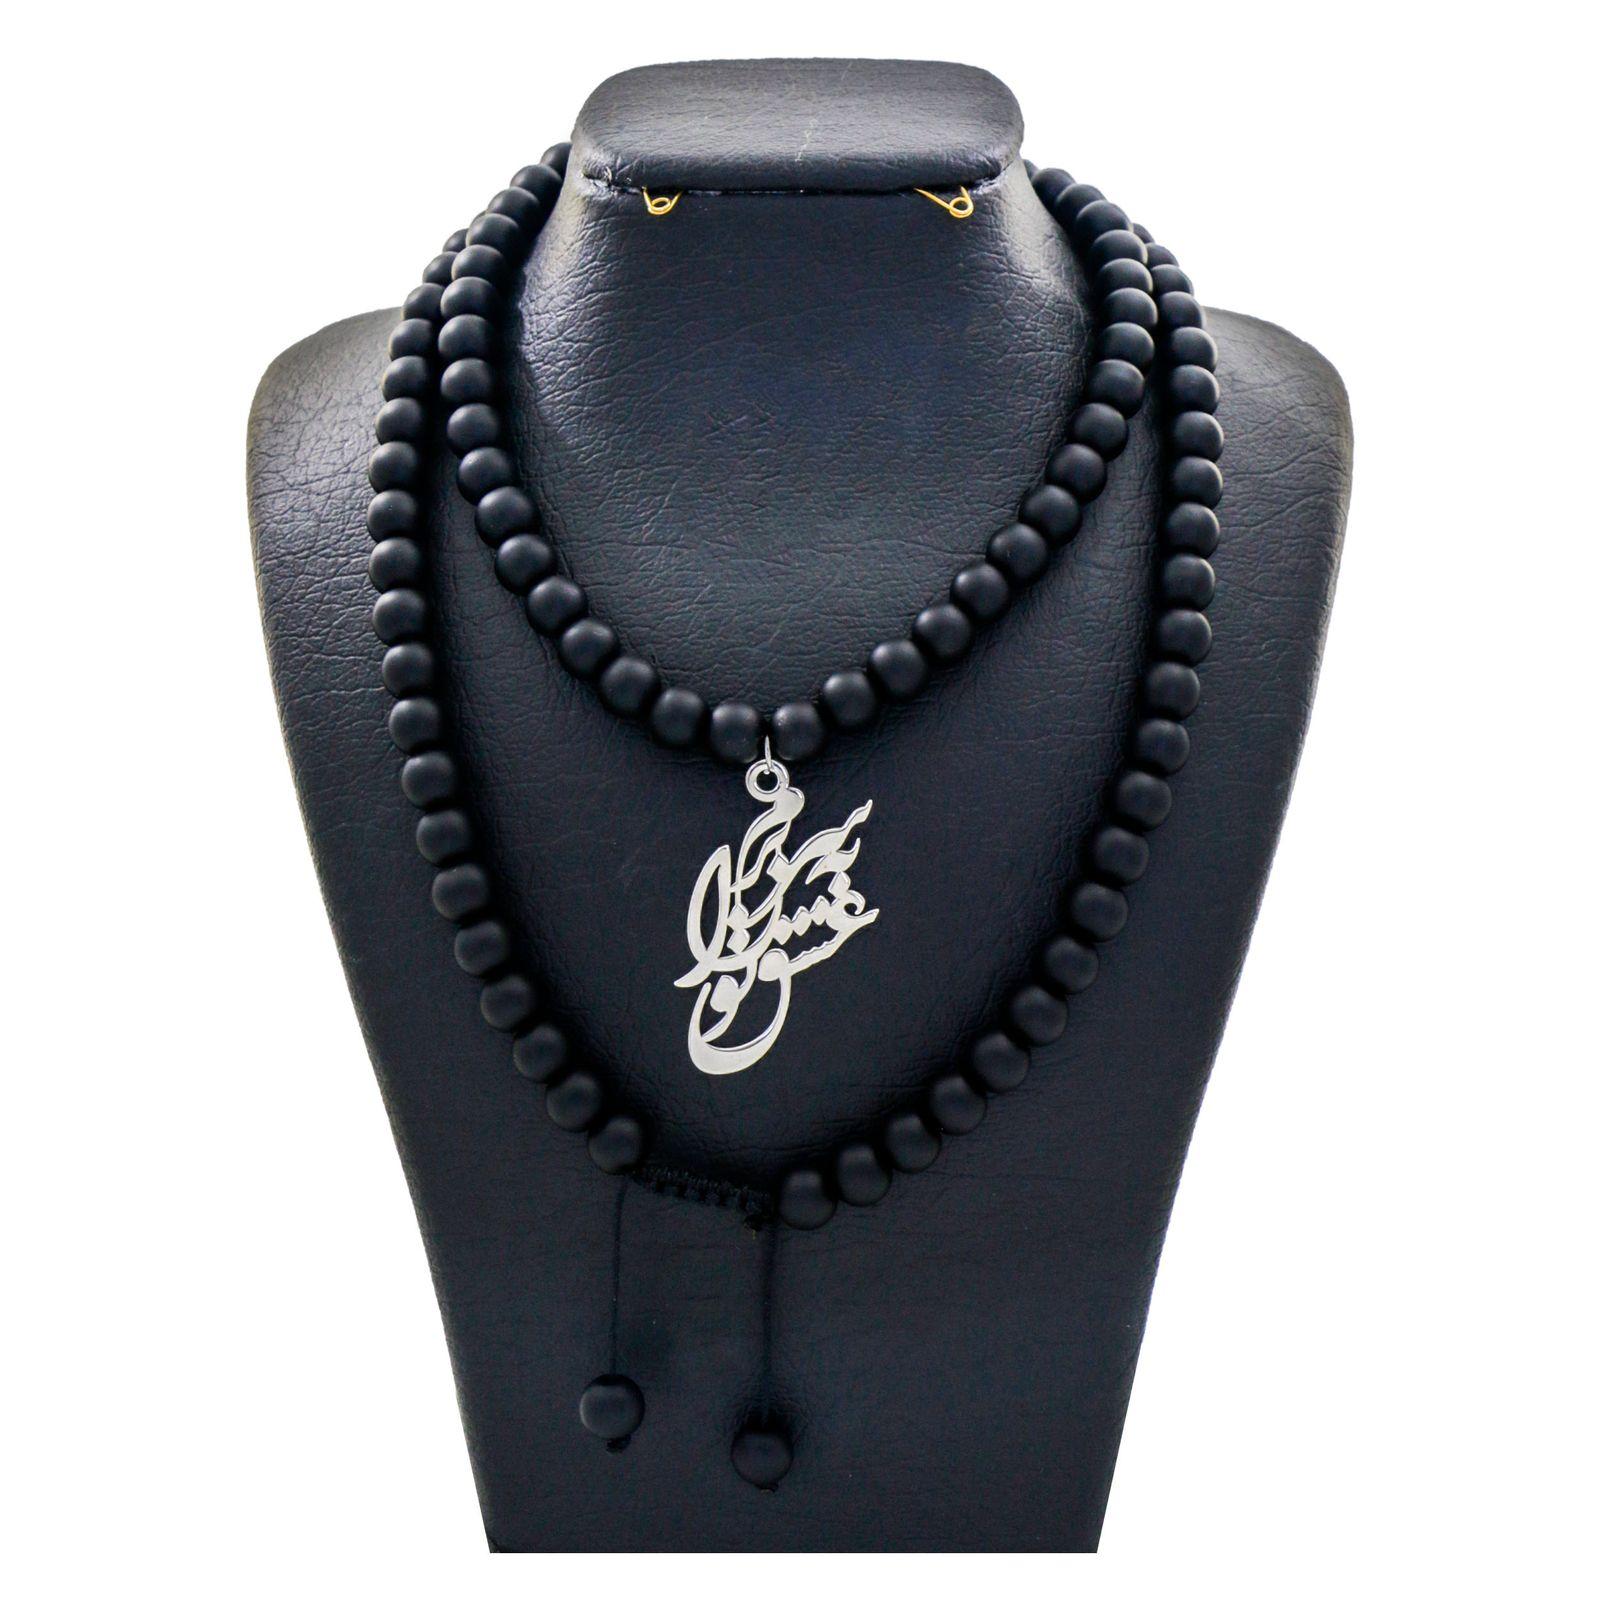 گردنبند نقره زنانه دلی جم طرح عشق تو را به سر برم کد D 60 -  - 2